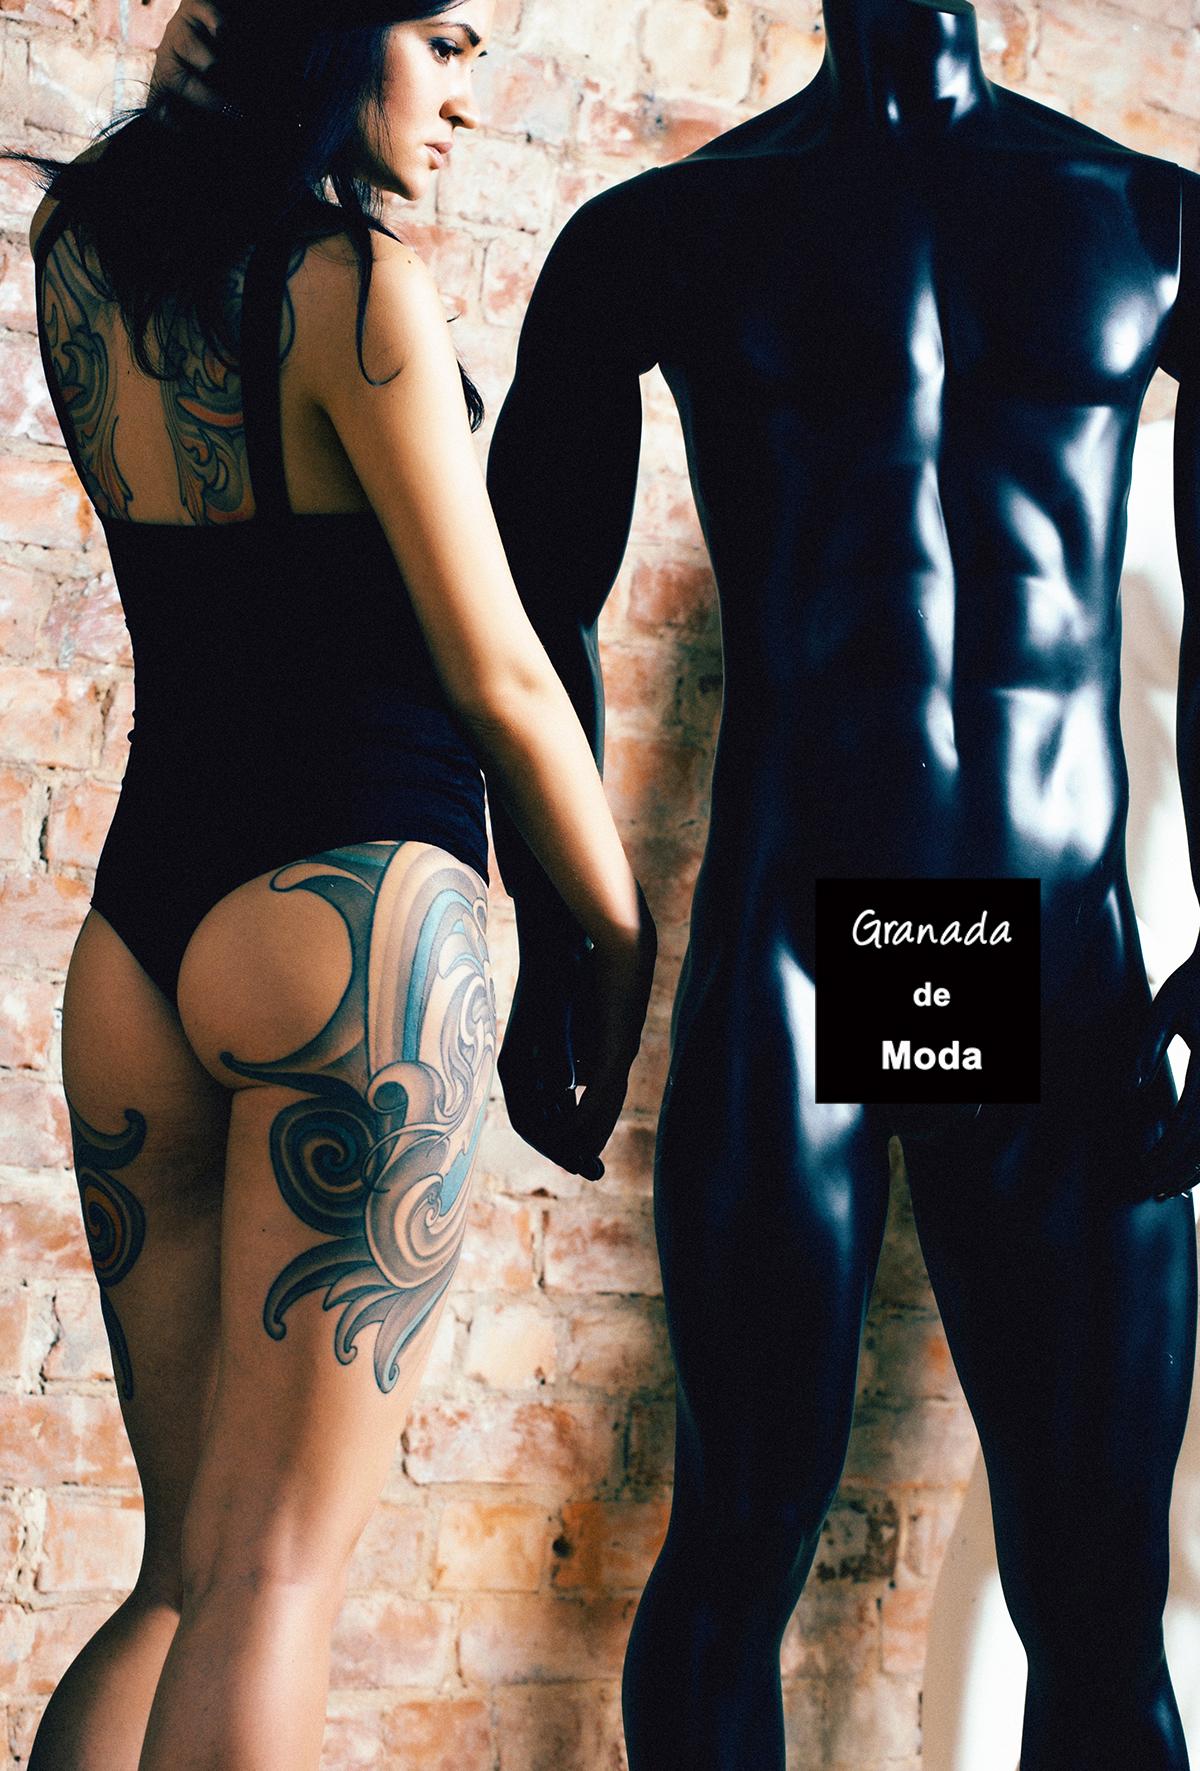 maniquí o modelo granada de moda